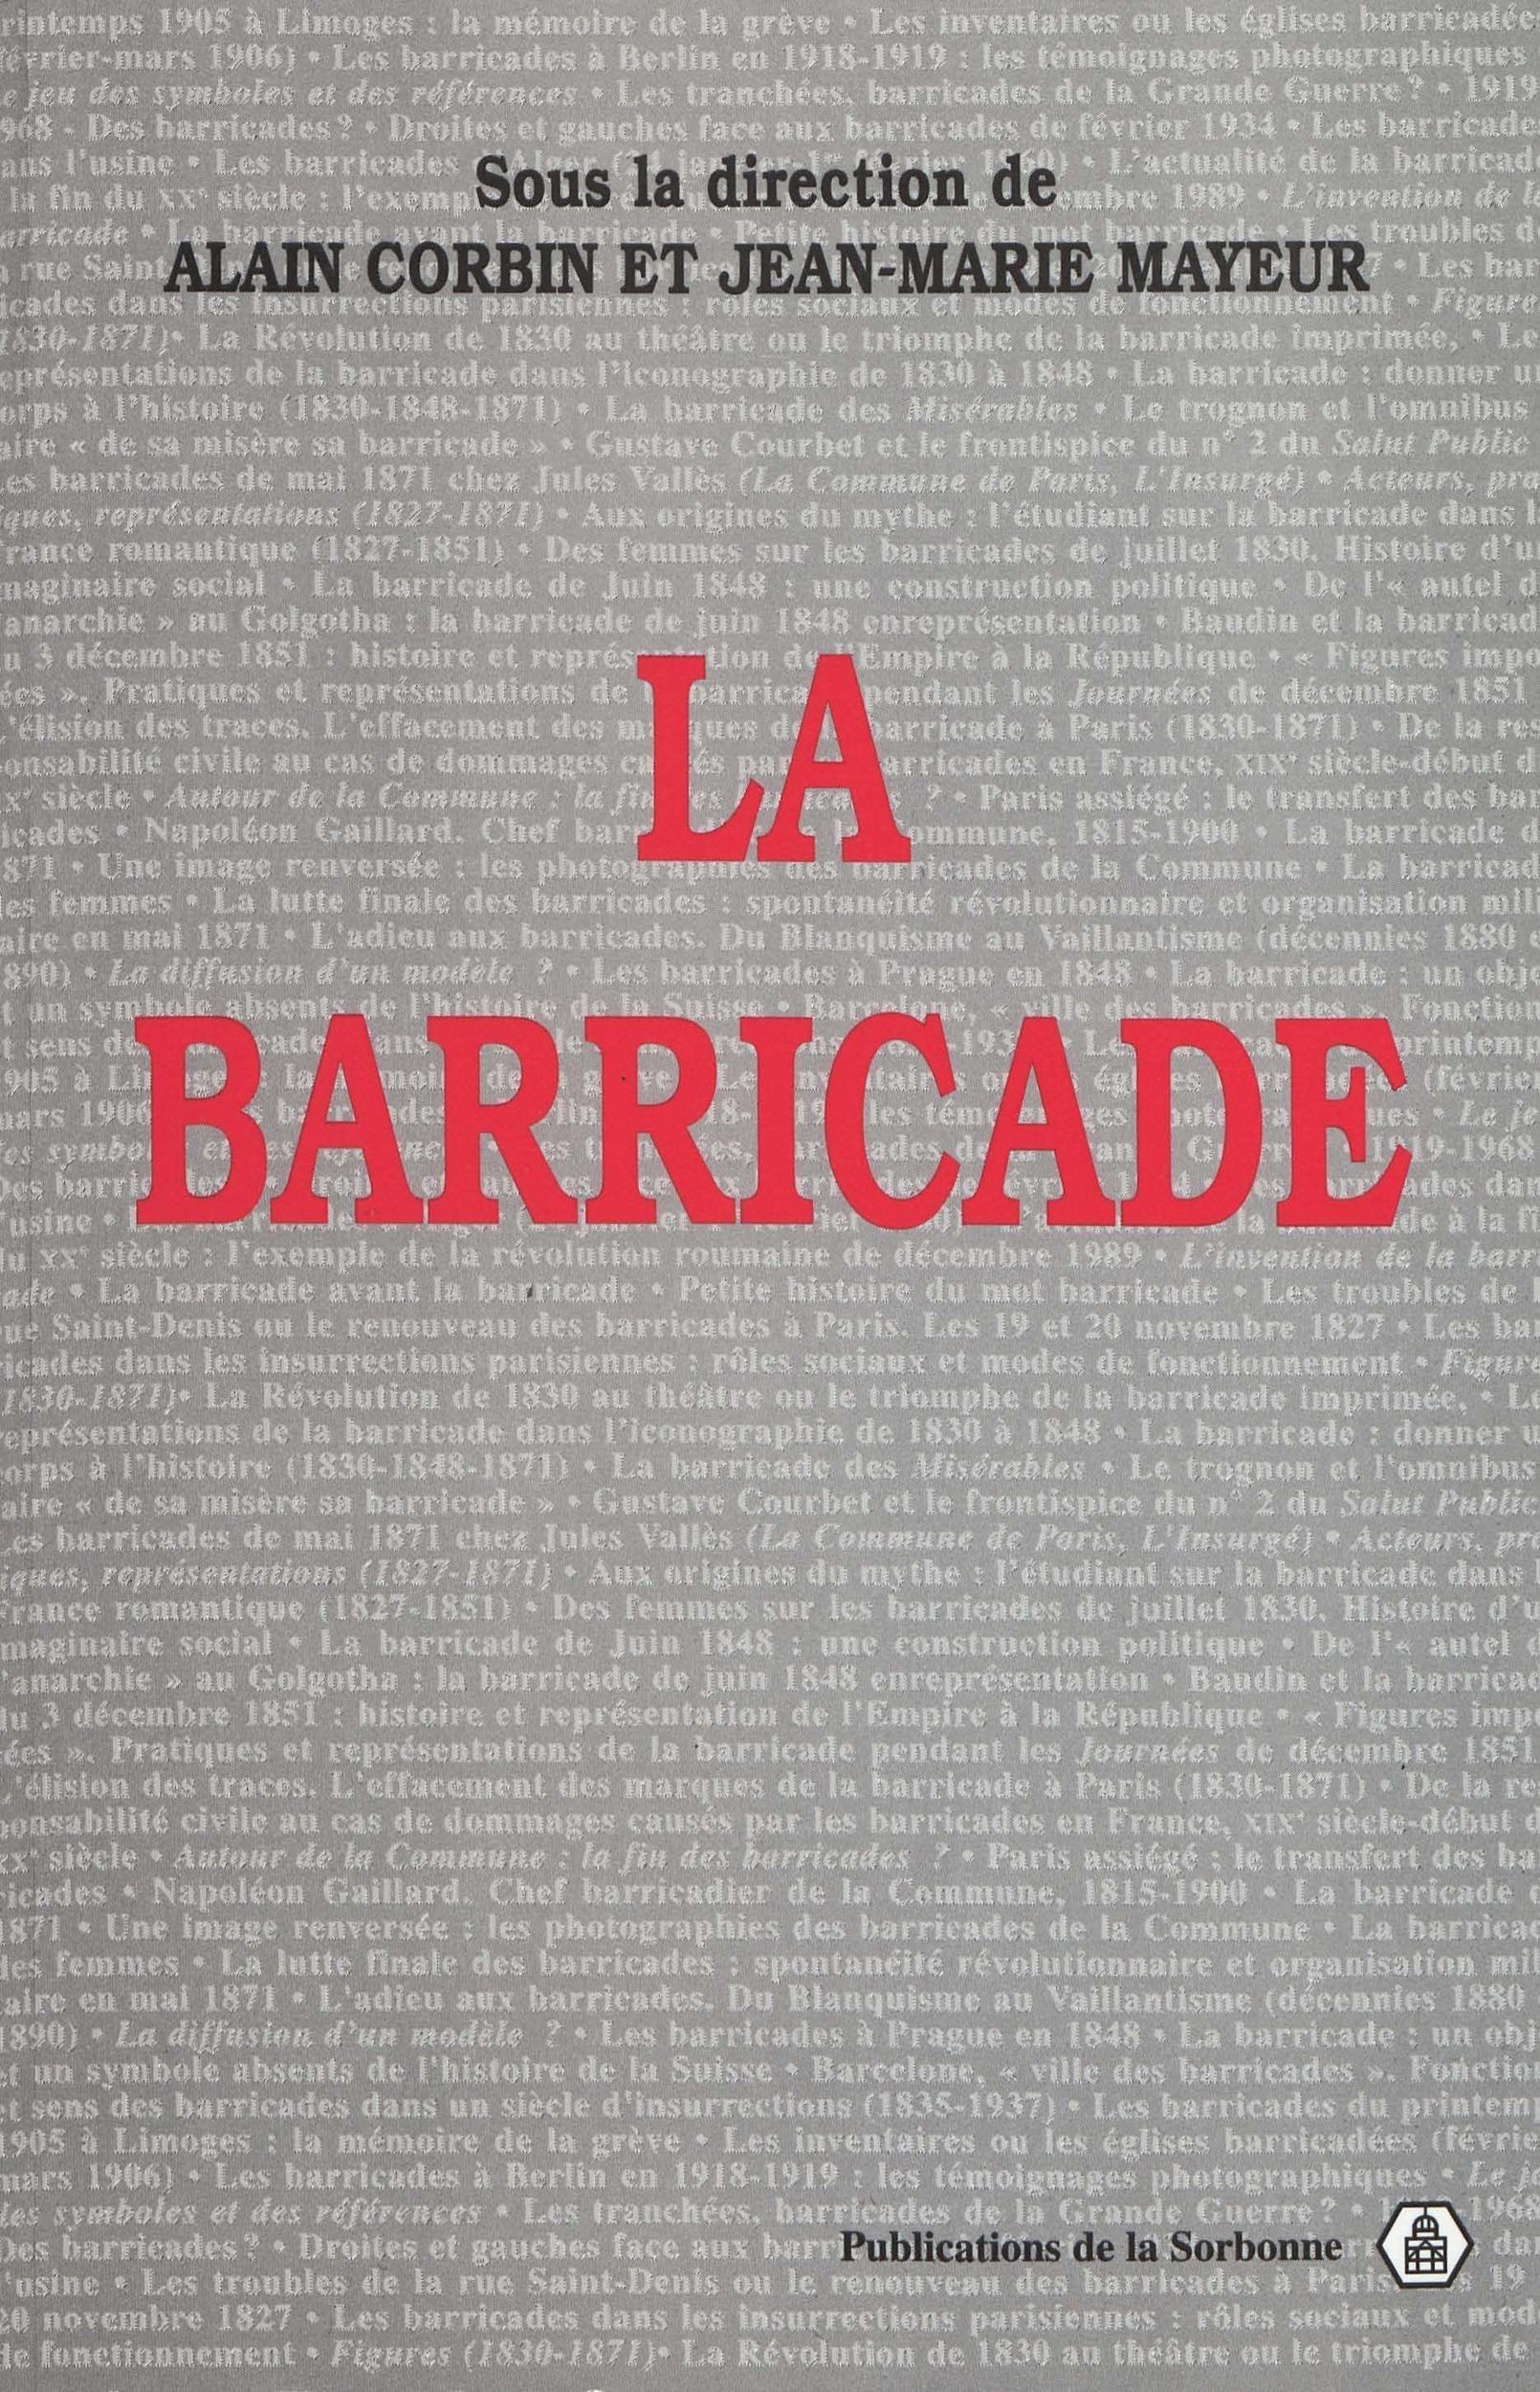 Alain Corbin La barricade